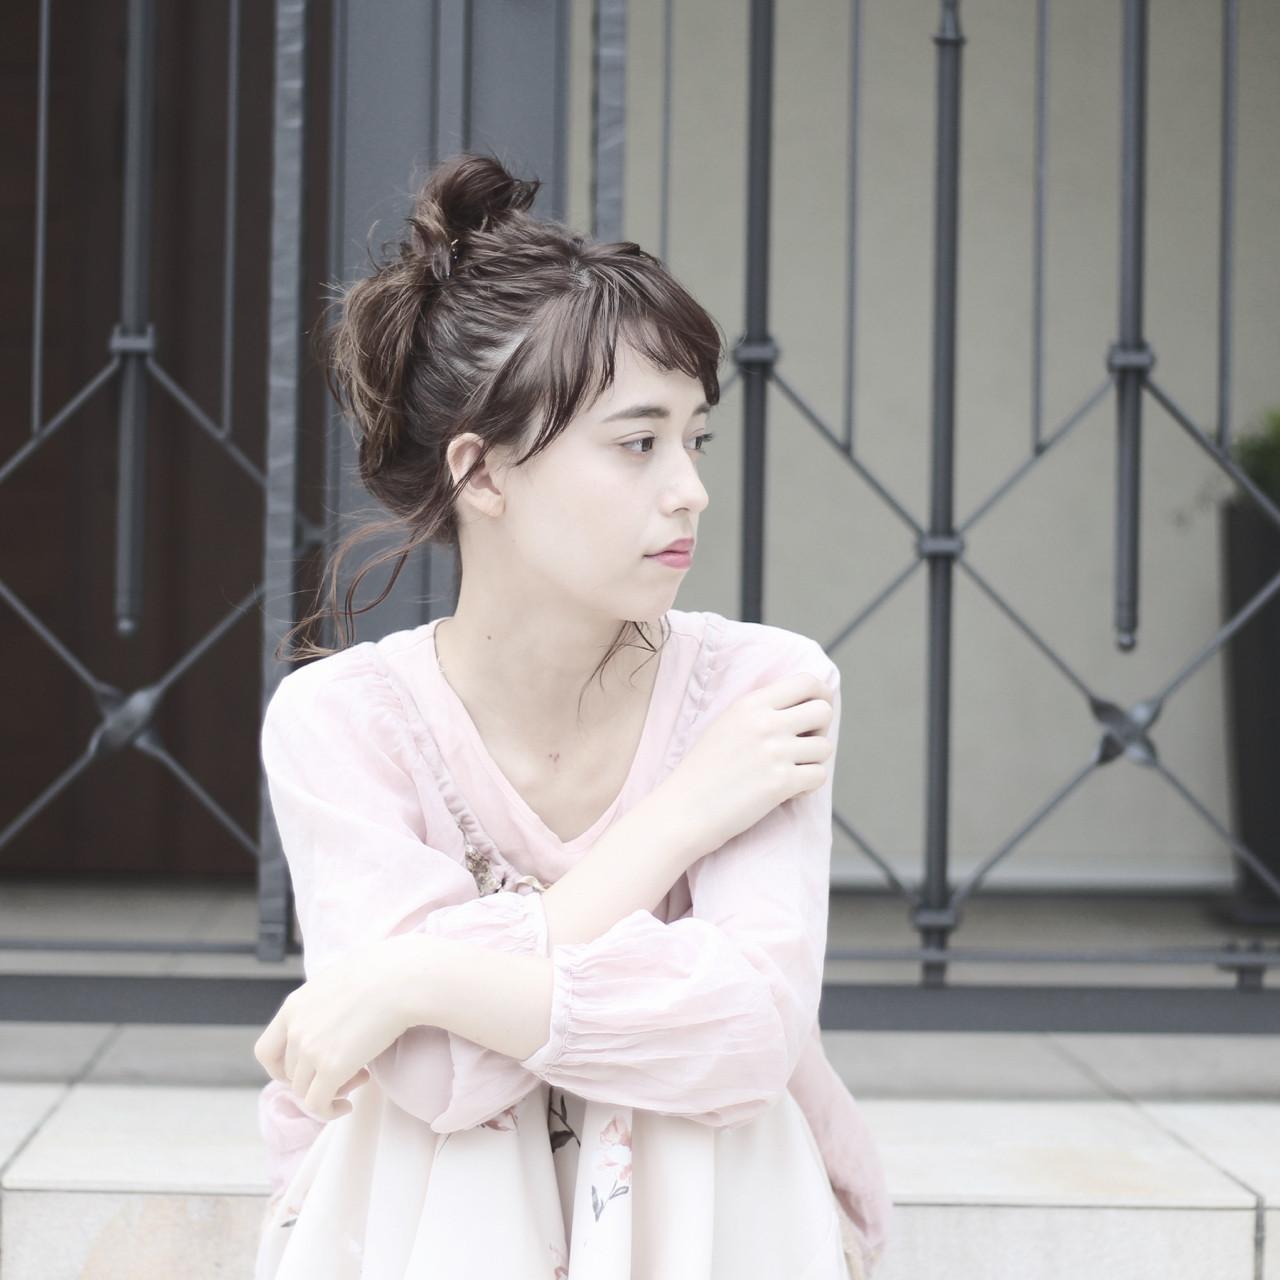 ミディアム ショート ヘアオイル ナチュラル ヘアスタイルや髪型の写真・画像 | 齋藤 譲 / hair make canvas